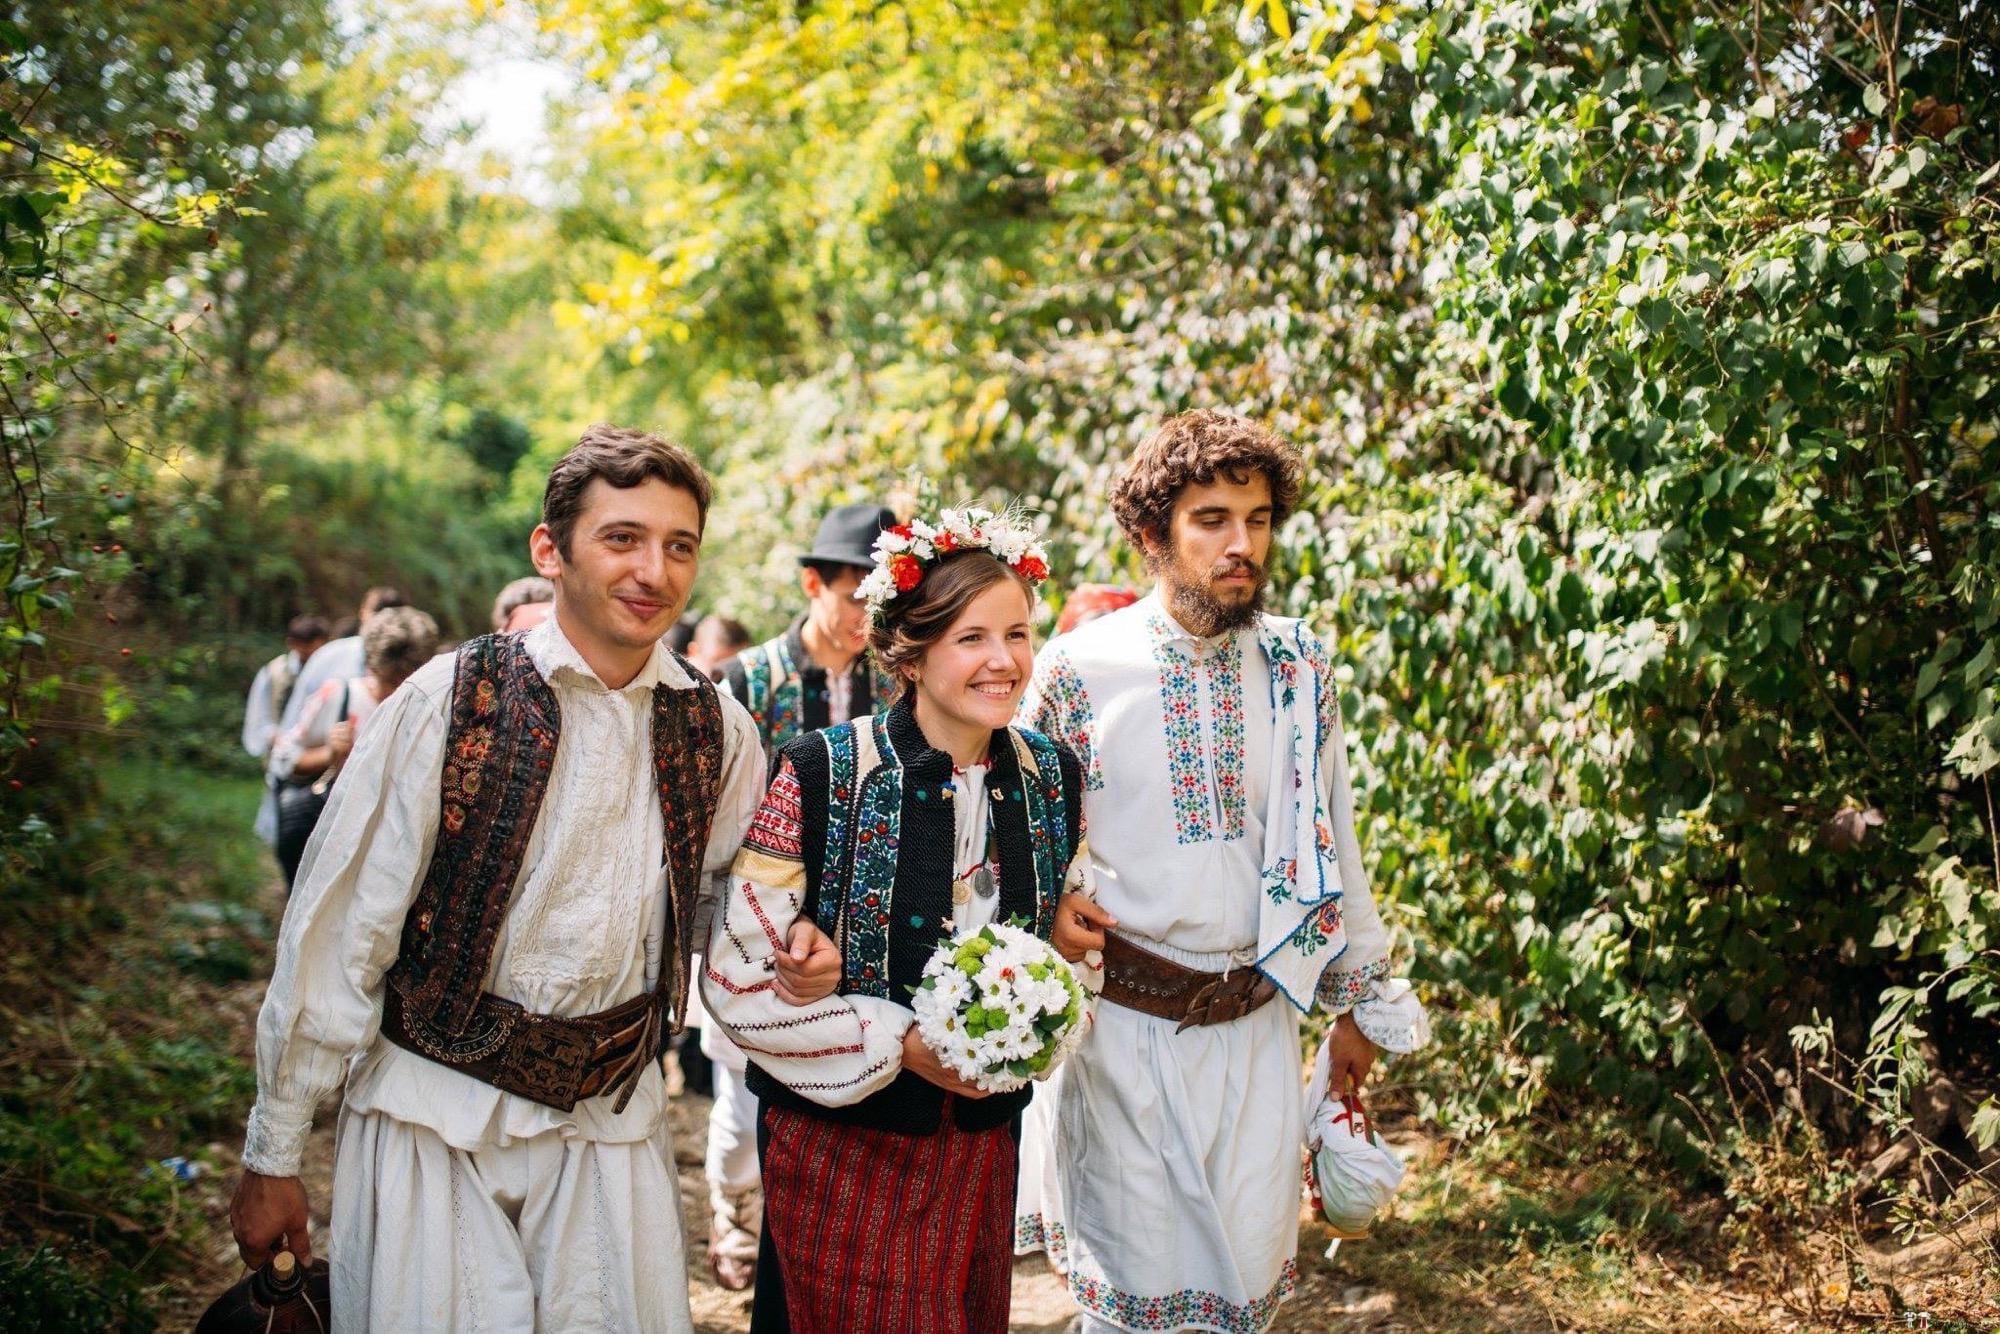 Povești Nunți Tradiționale - Andreea și Sergiu. Nuntă tradițională în Alba-Iulia 40